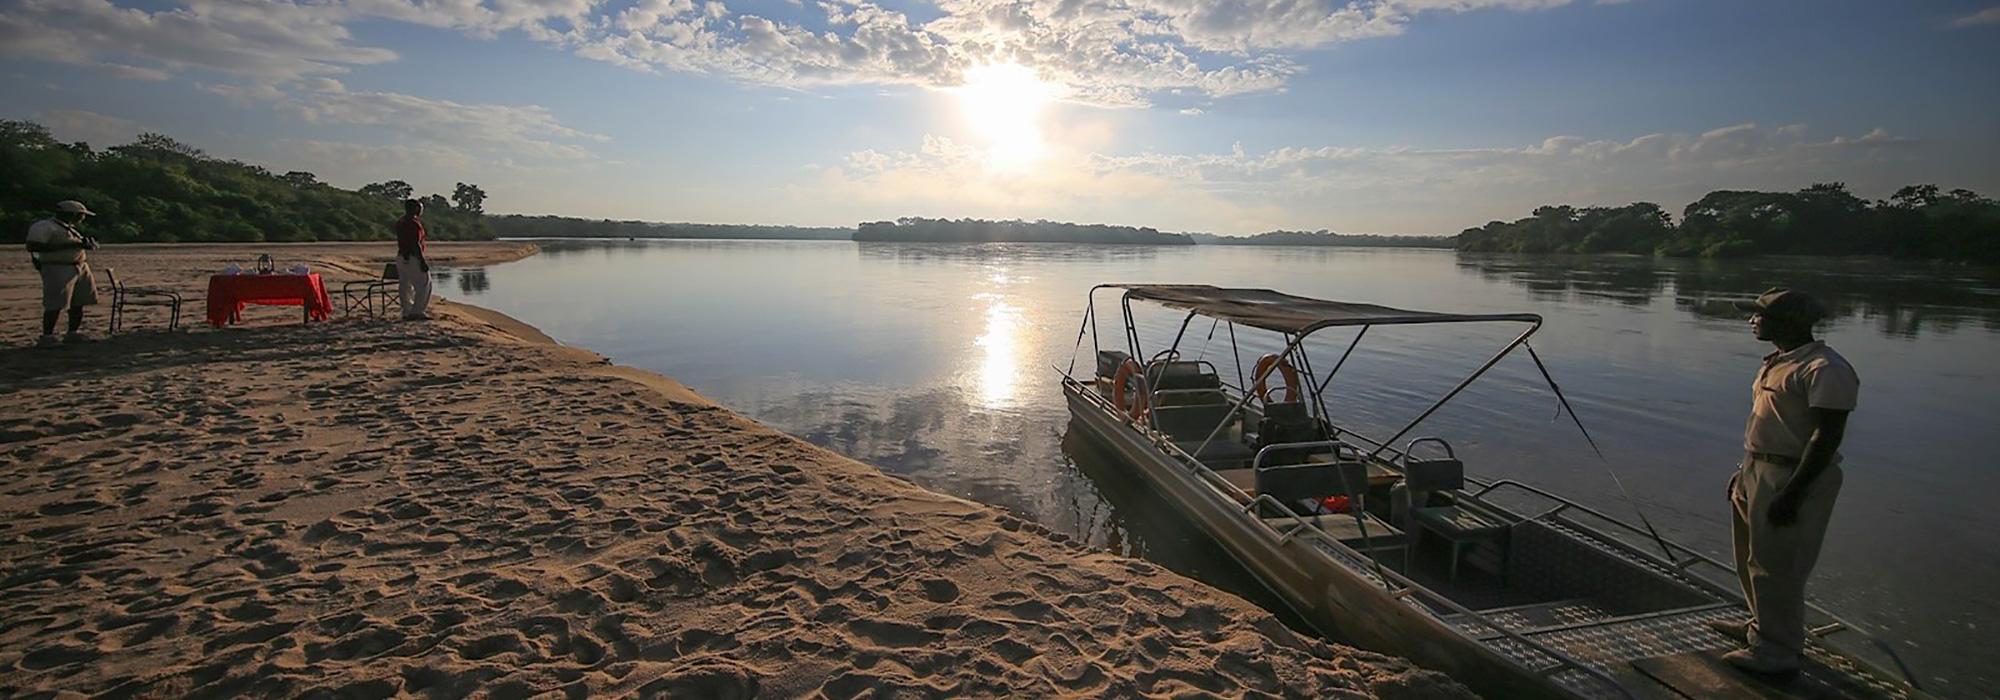 Boat ride in Selous